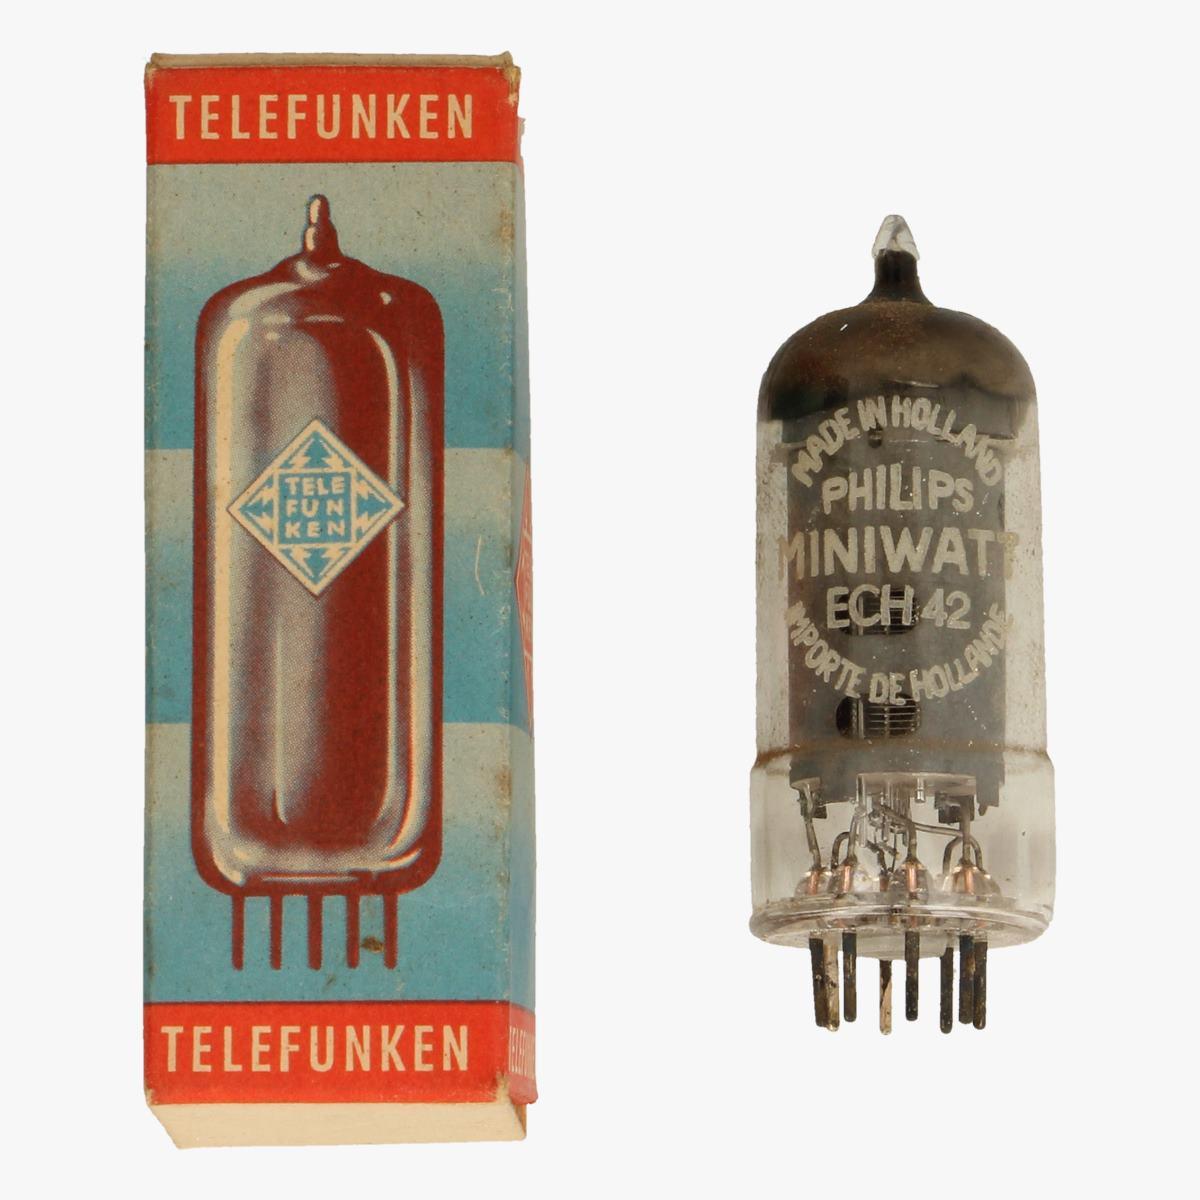 Afbeeldingen van telefunken ech 42